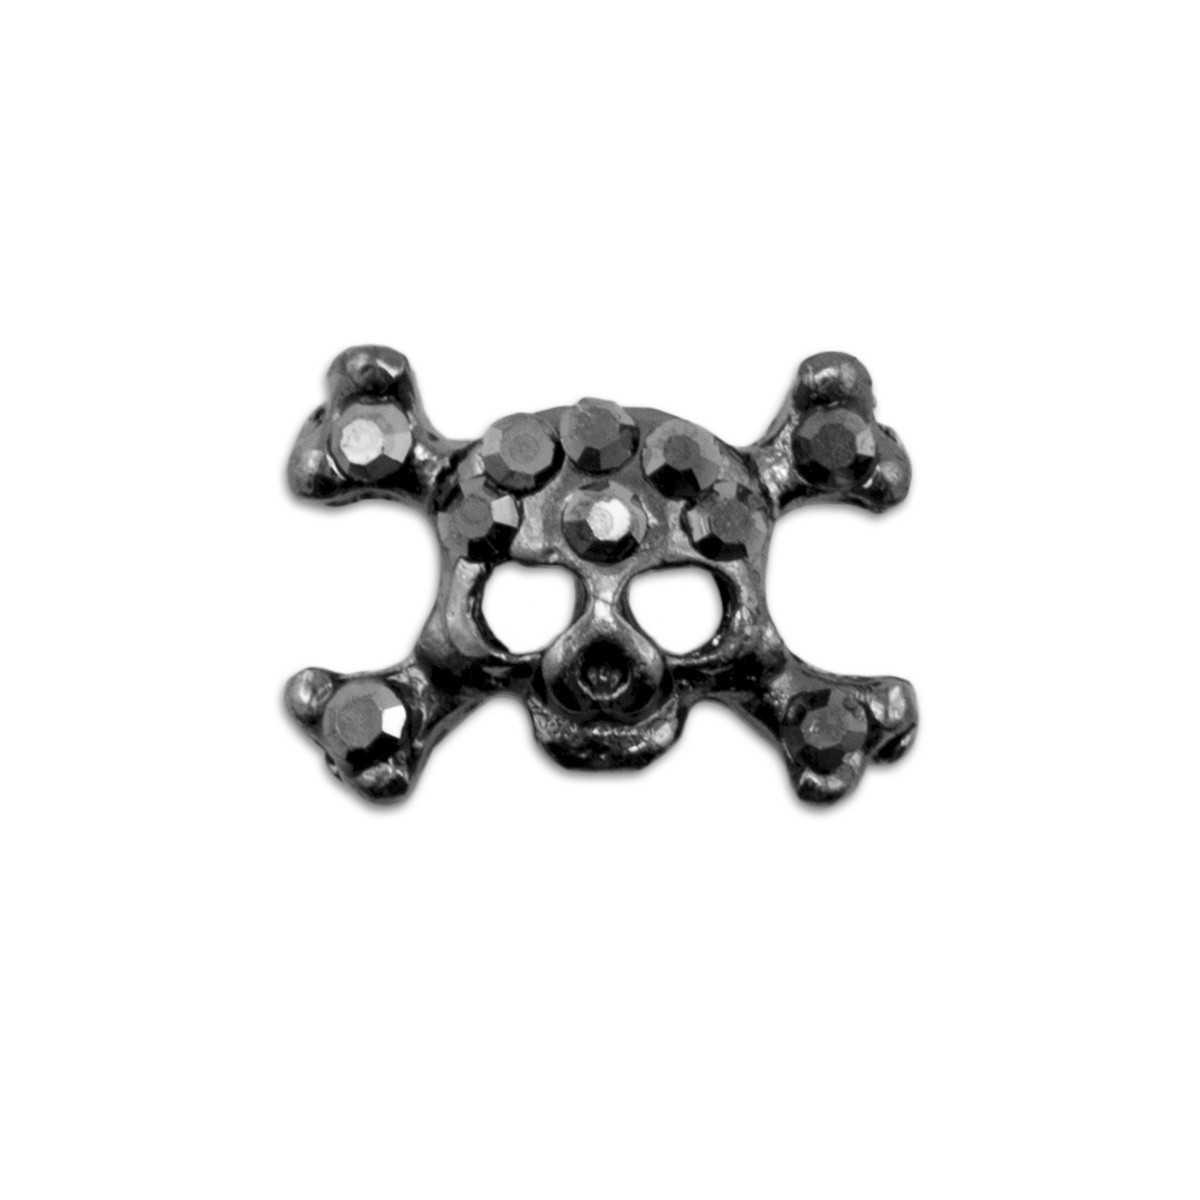 https://www.kit-manucure.com/1571-thickbox_default/bijoux-pour-ongles-tête-de-mort-gris-anthracite.jpg